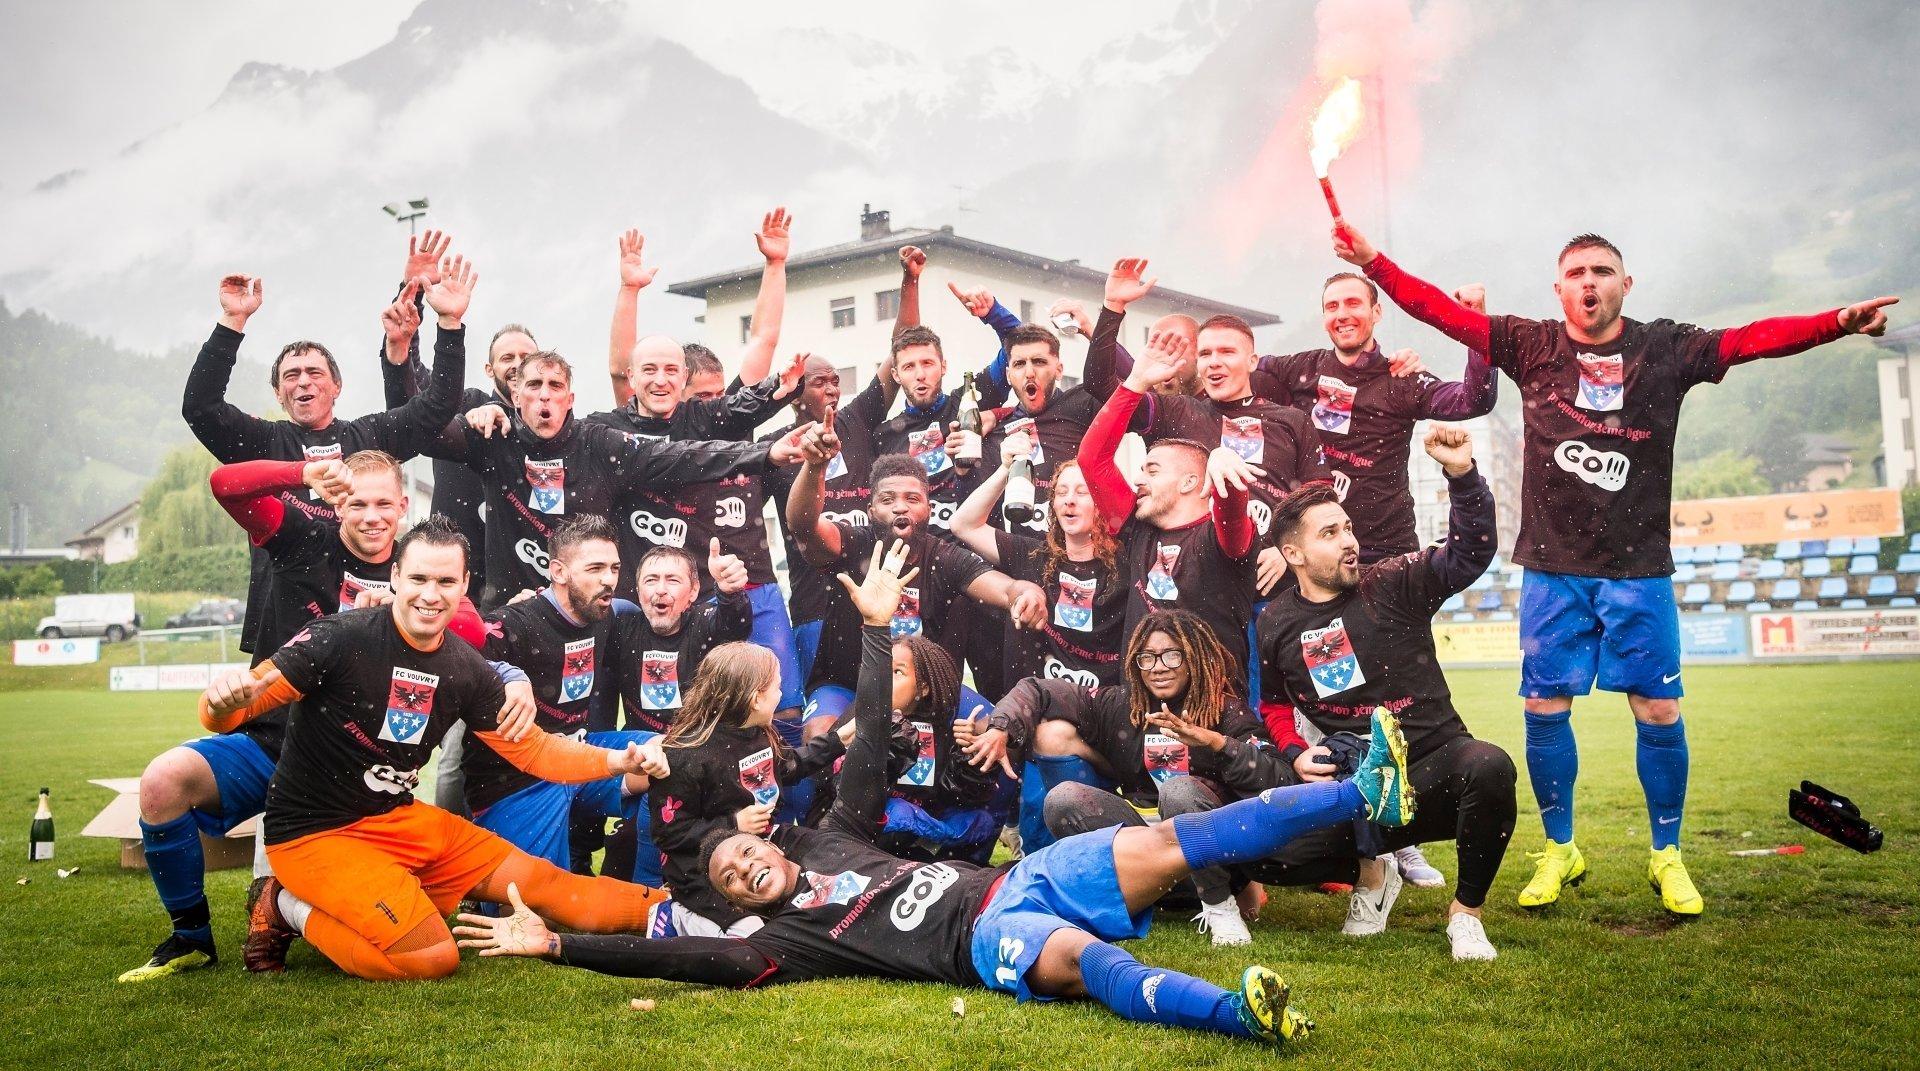 Malgré la pluie, les joueurs du FC Vouvry ne se sont pas gênés pour fêter leur victoire durant de longues minutes.